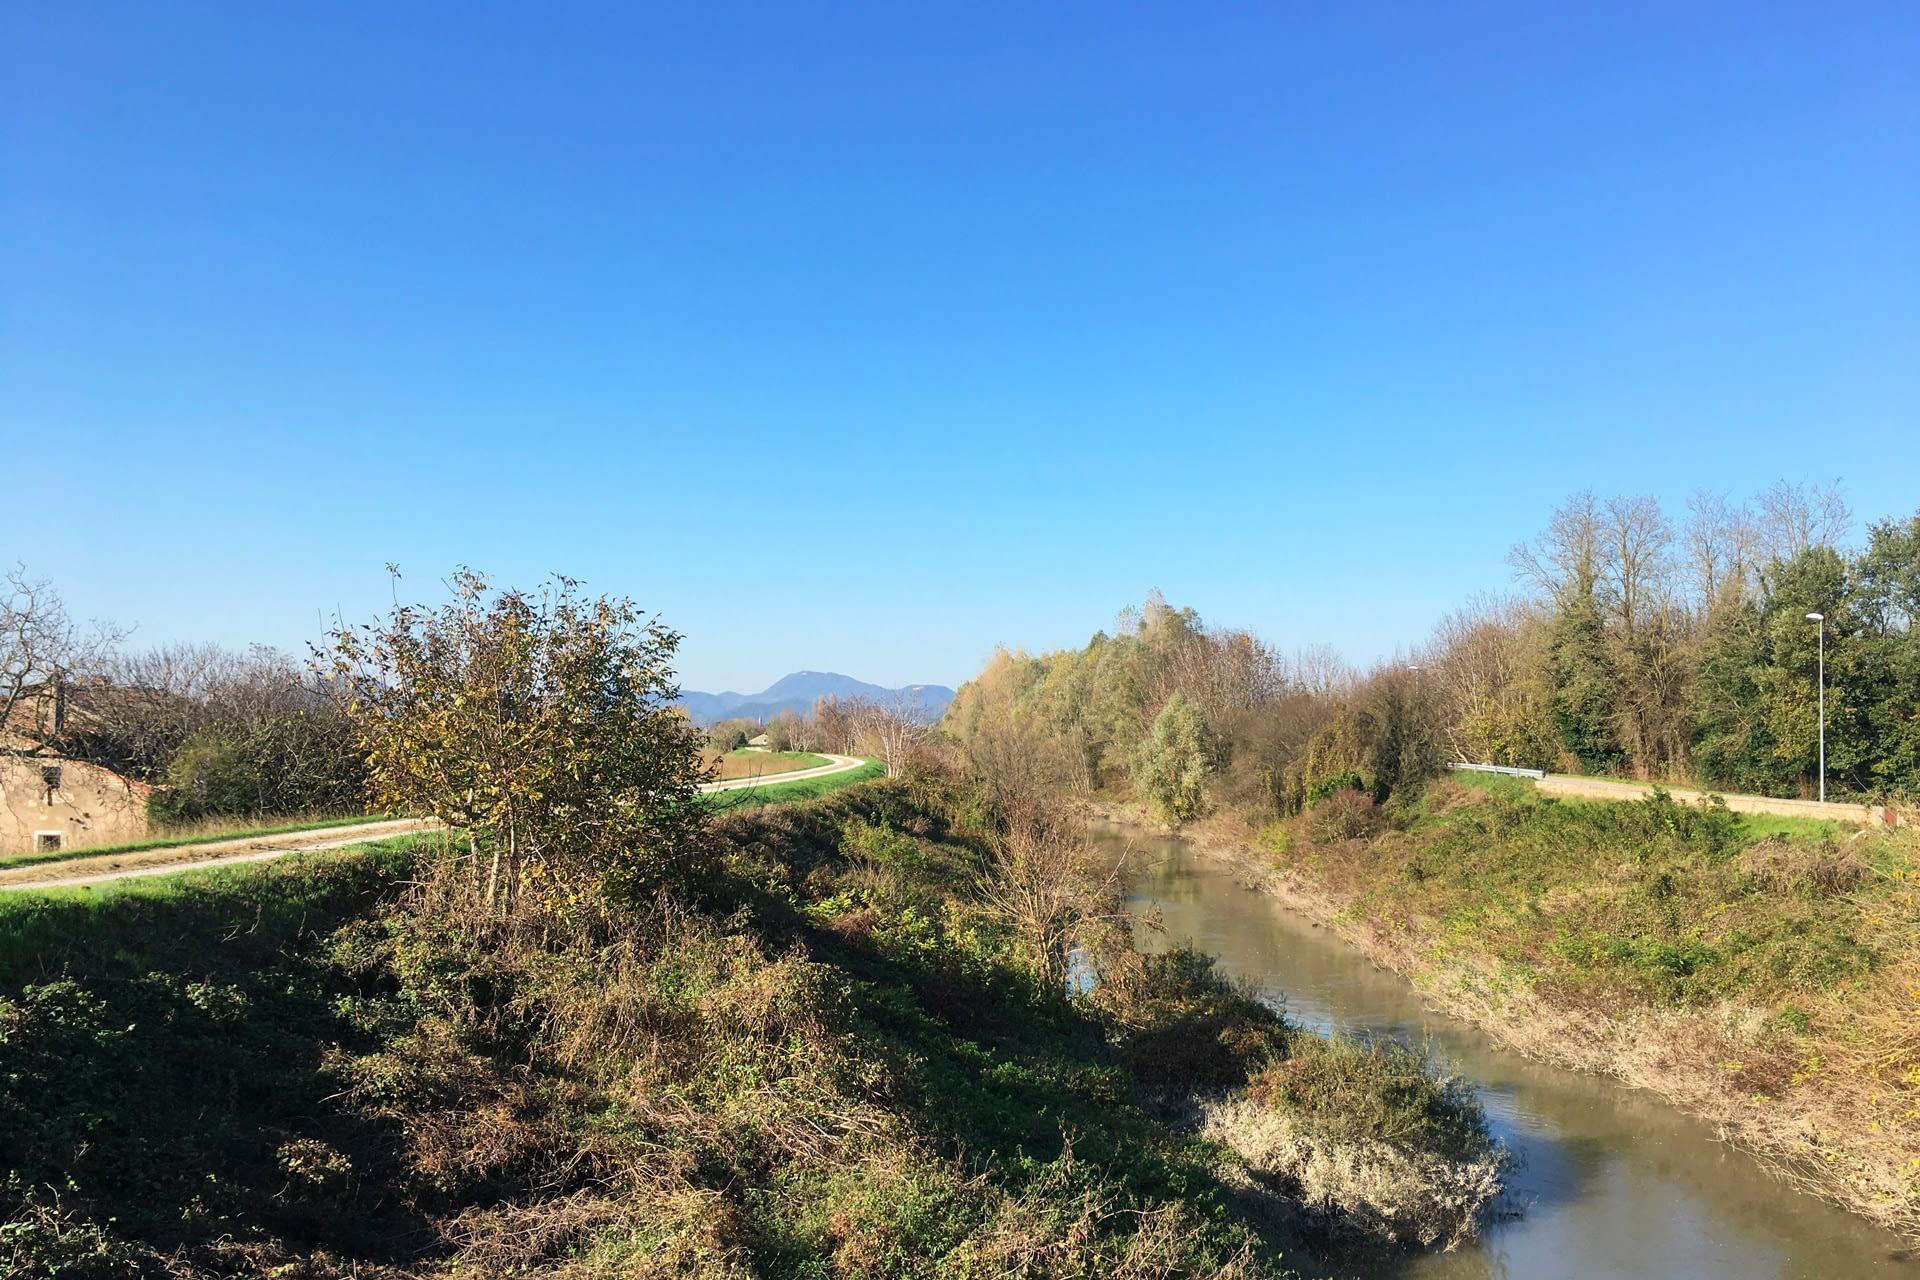 Cartura_Percorso lungo il canale con i Colli Euganei sullo sfondo